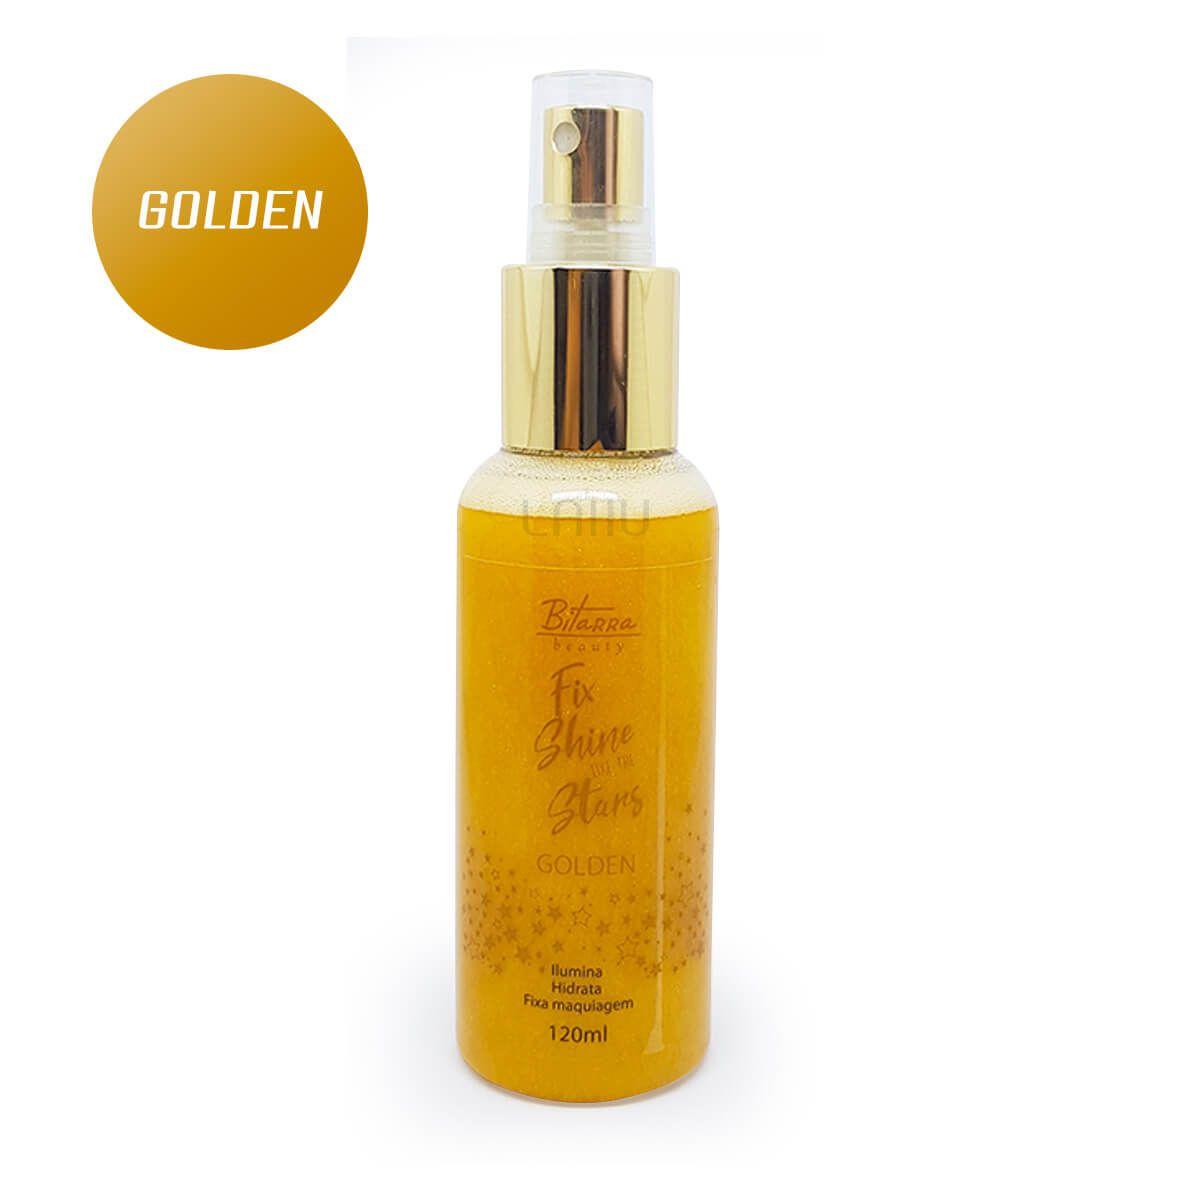 Bruma Fix Shine Golden Bitarra  - Ilumina Hidrata Fixa